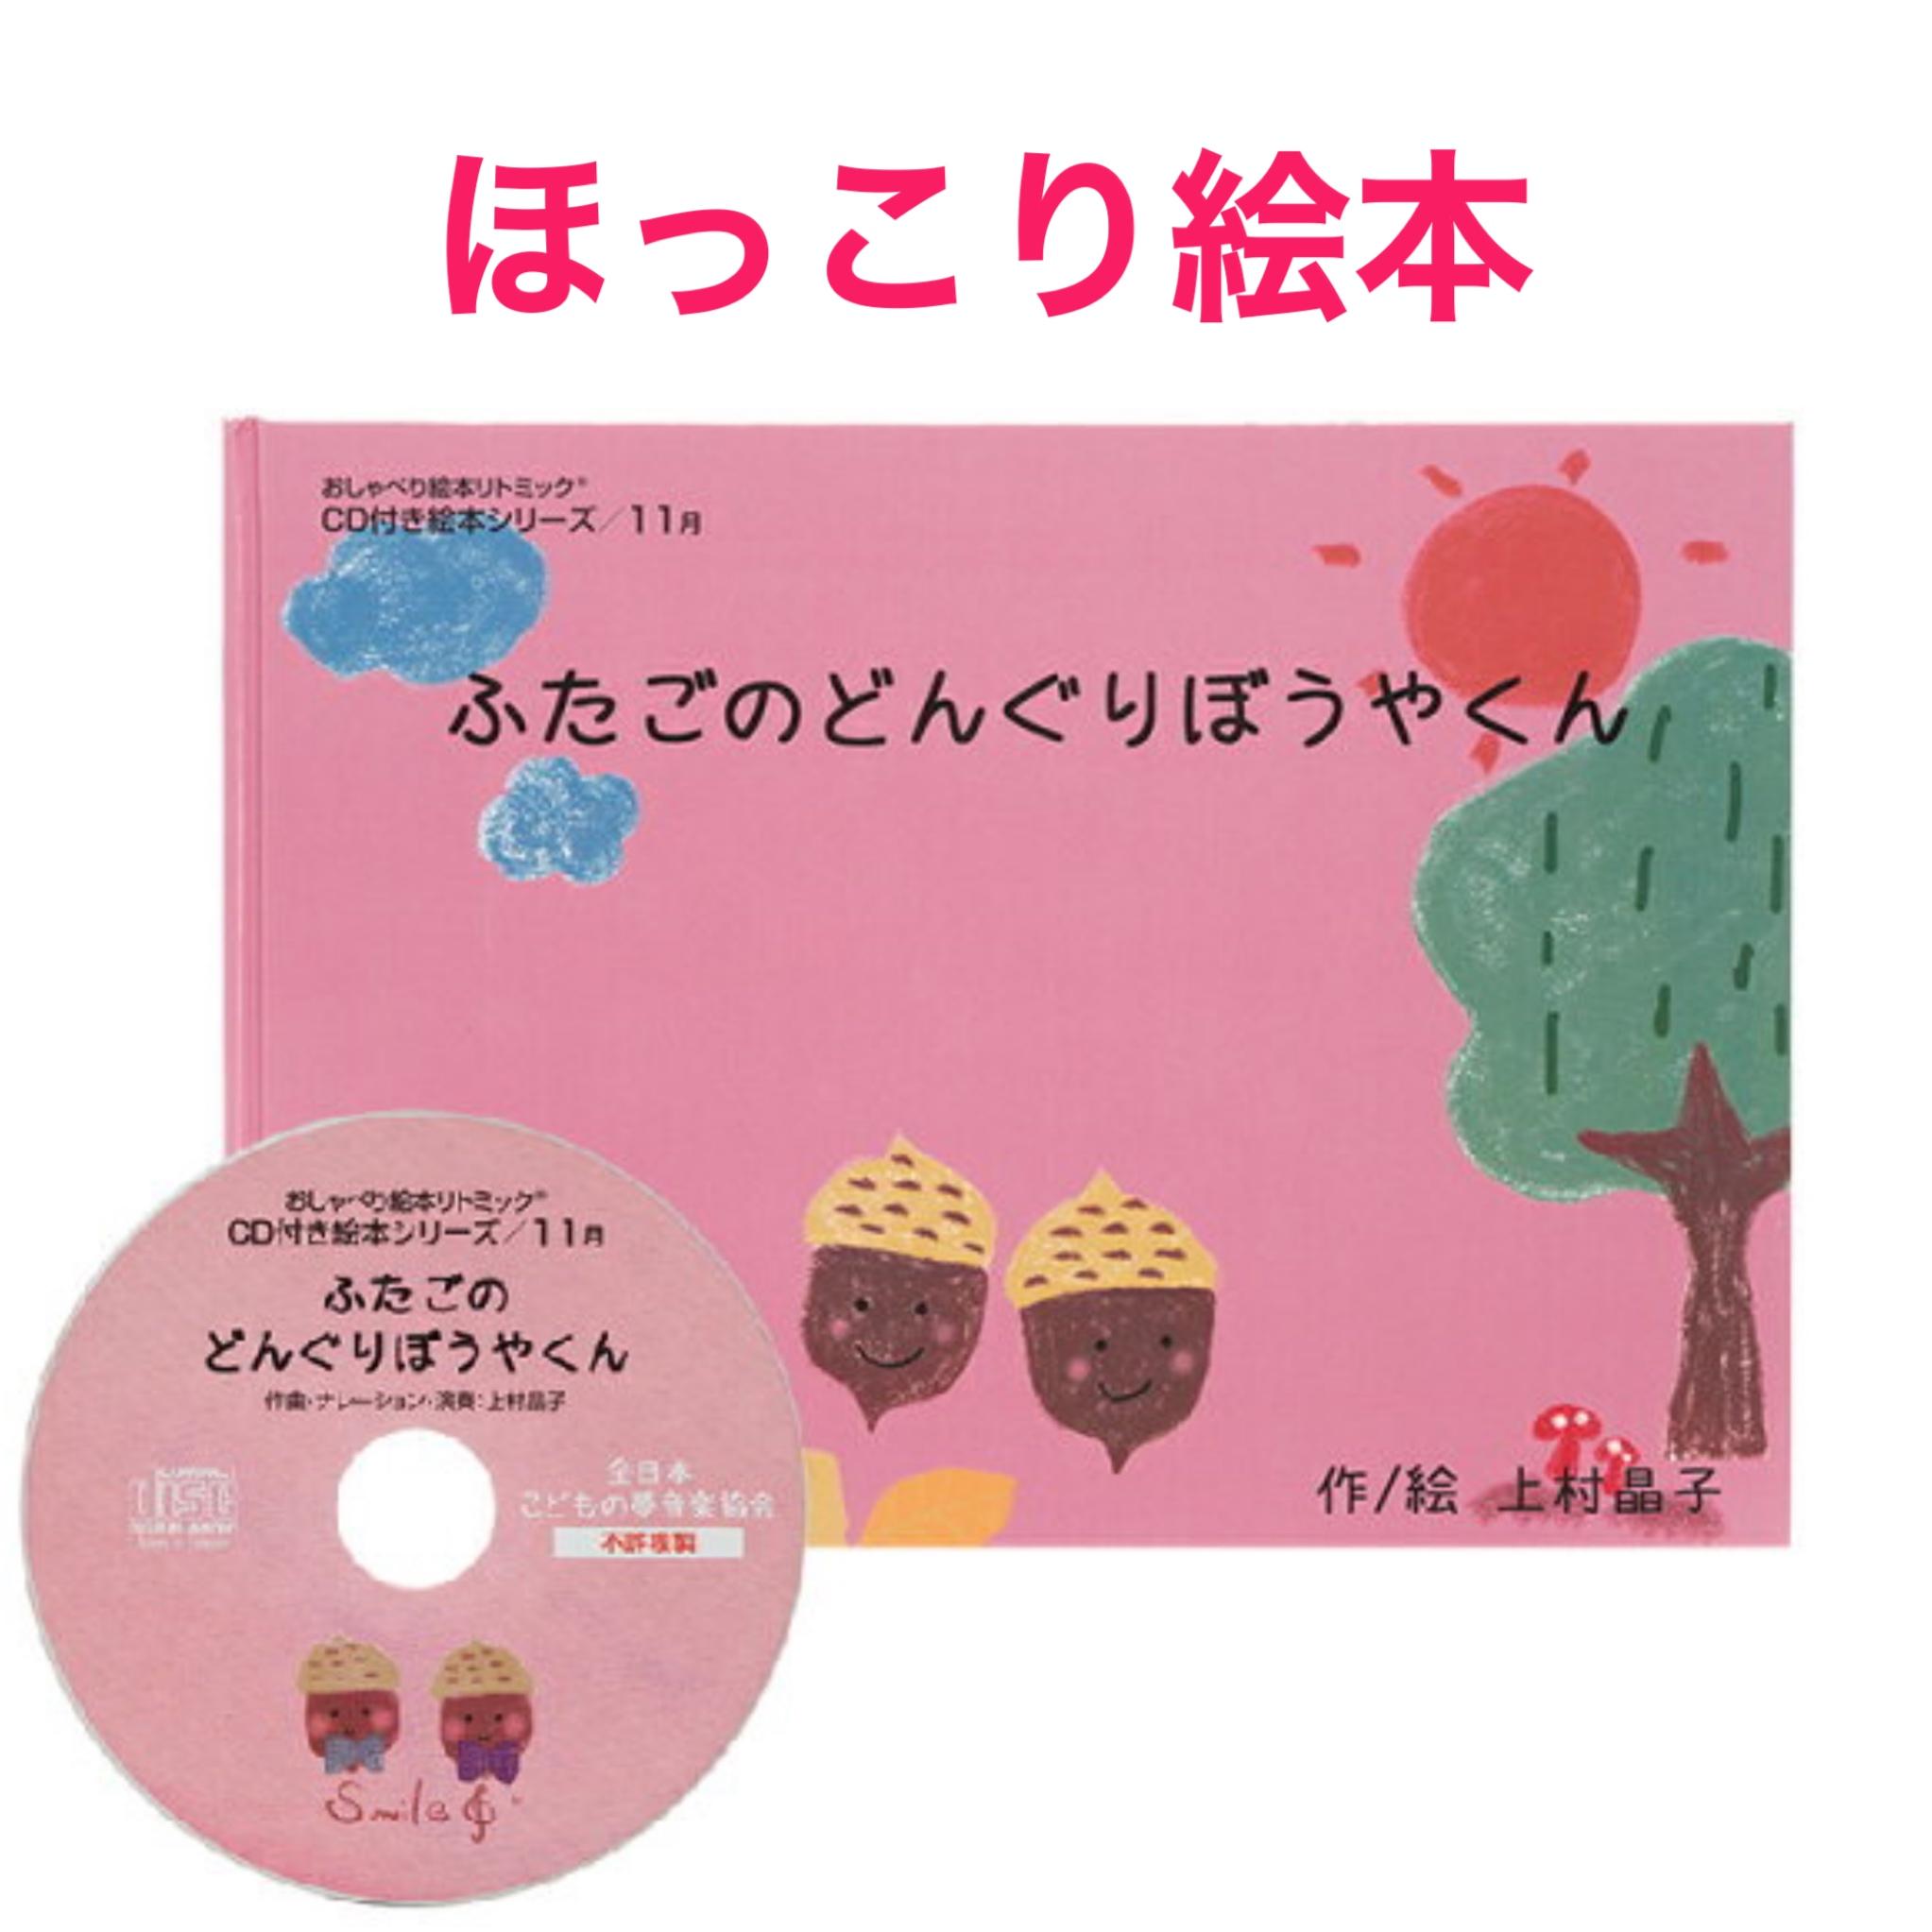 読み聞かせナレーション付きのたのしい可愛い絵本が登場。読み聞かせに、リトミック教材に大活躍。物語を通してリトミックが楽しく出来ます。保育の現場にもぴったりです。 【ふたごのどんぐりぼうやくん】ハードカバー絵本 cd付き リトミック リトミック絵本 おすすめ リトミック教材 資格 保育 ピアノ キッズ 子供 ベビー 男の子 女の子 幼児 0歳 1歳 1歳半 2歳 2歳半 3歳 4歳 5歳 出産祝い プレゼント 人気 どんぐり 秋 読み聞かせ 送料無料